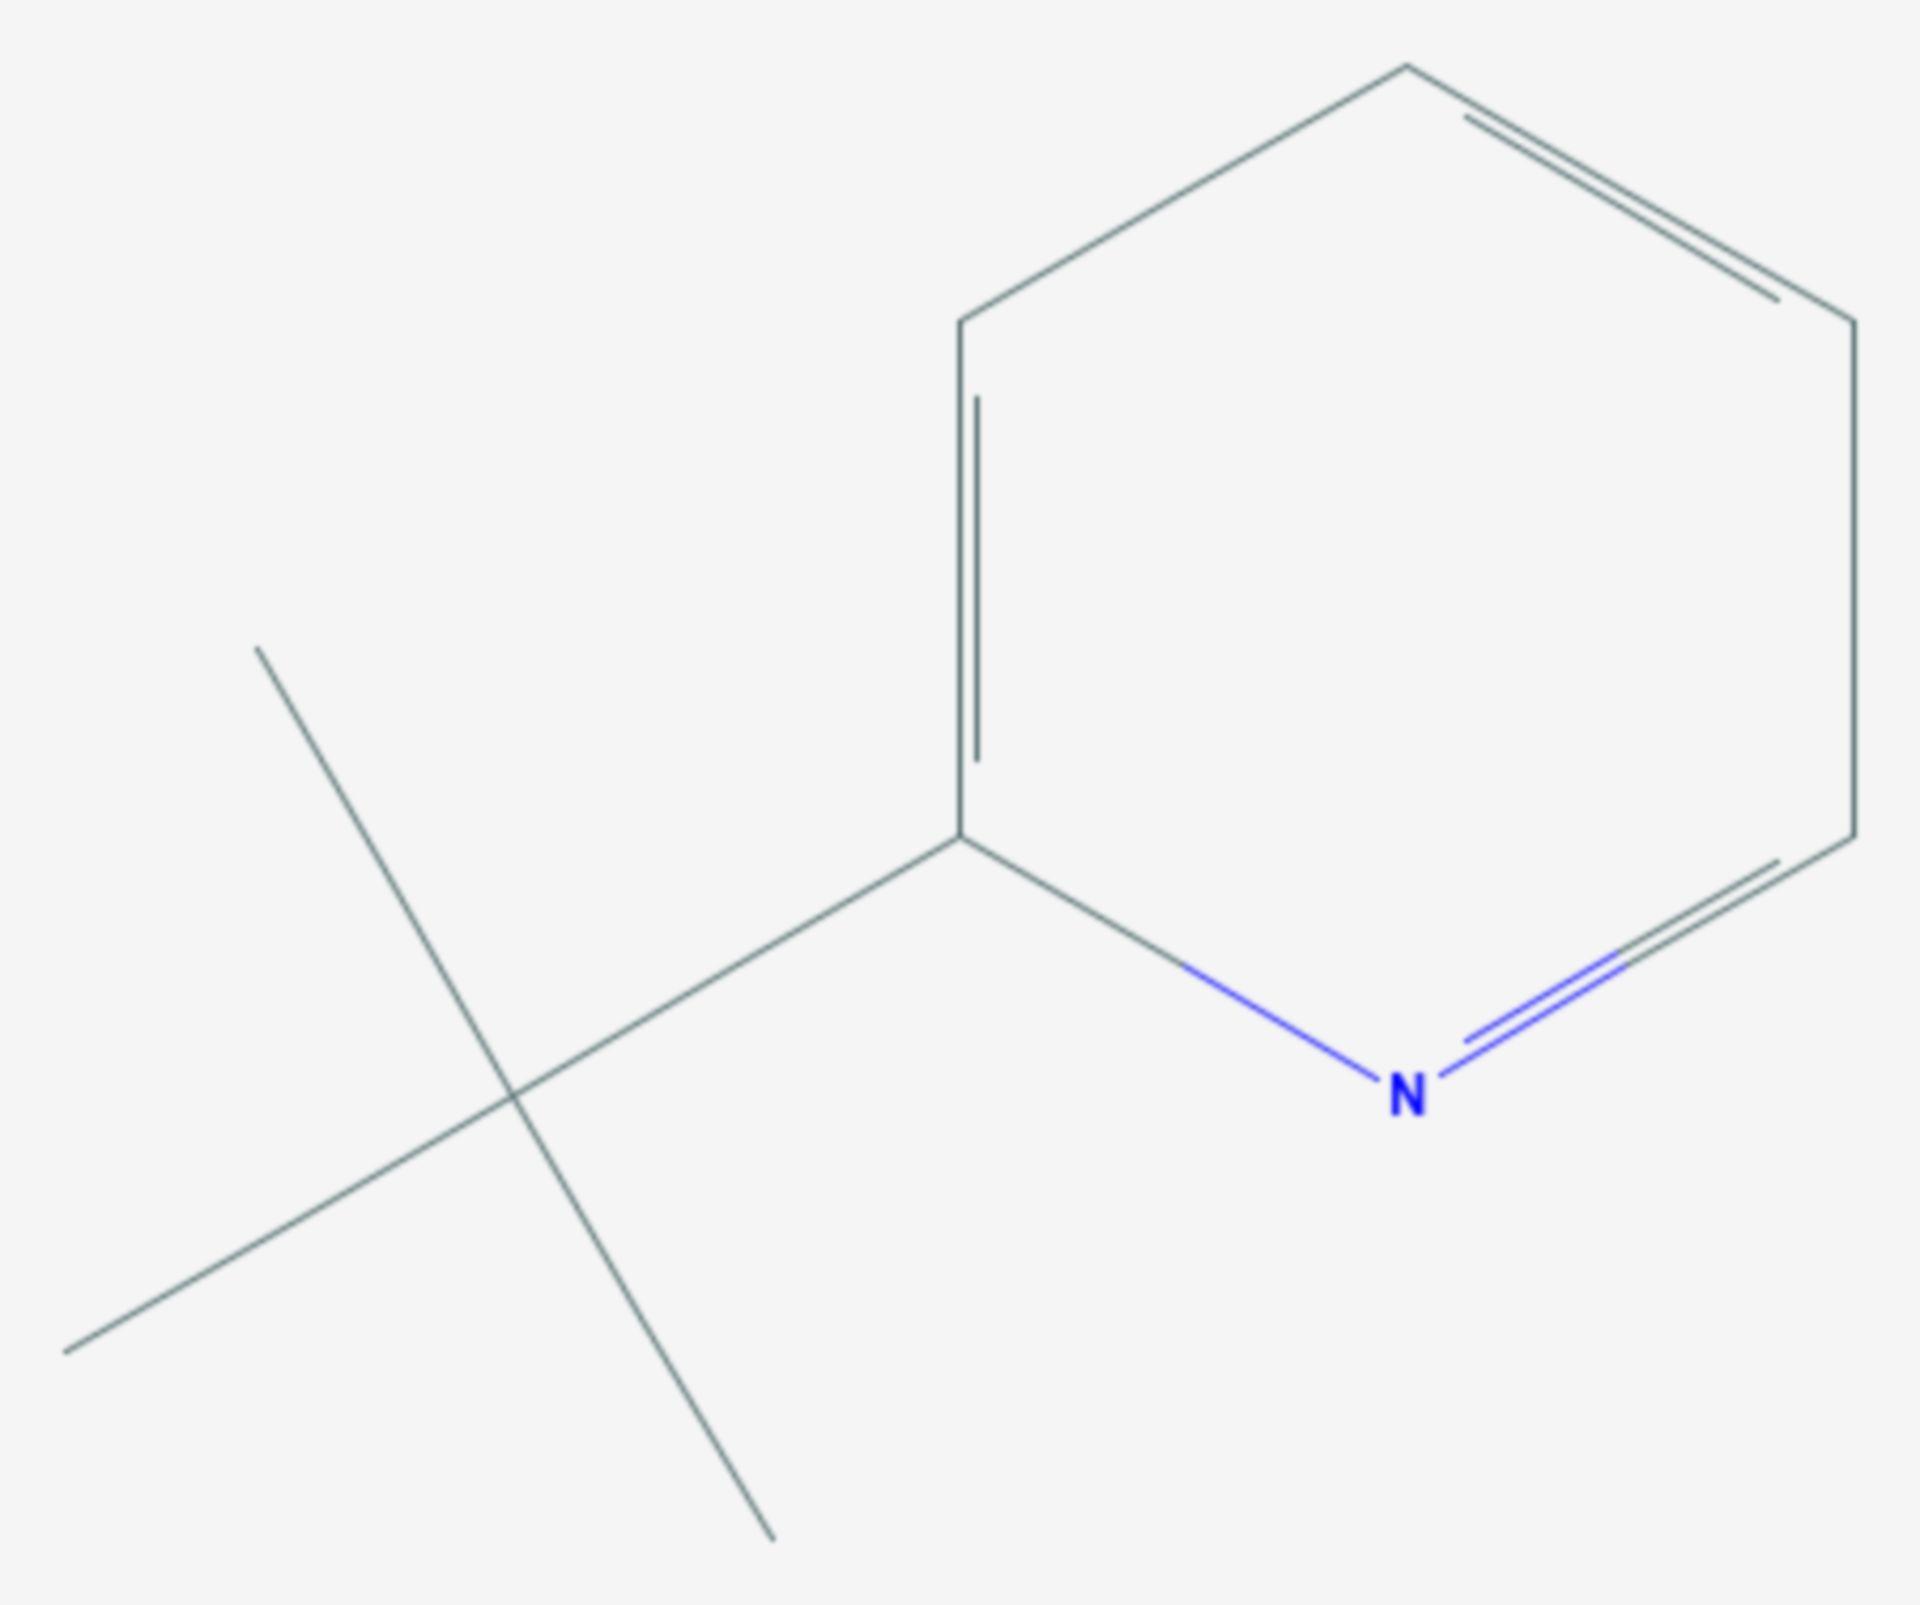 2-tert-Butylpyridin (Strukturformel)